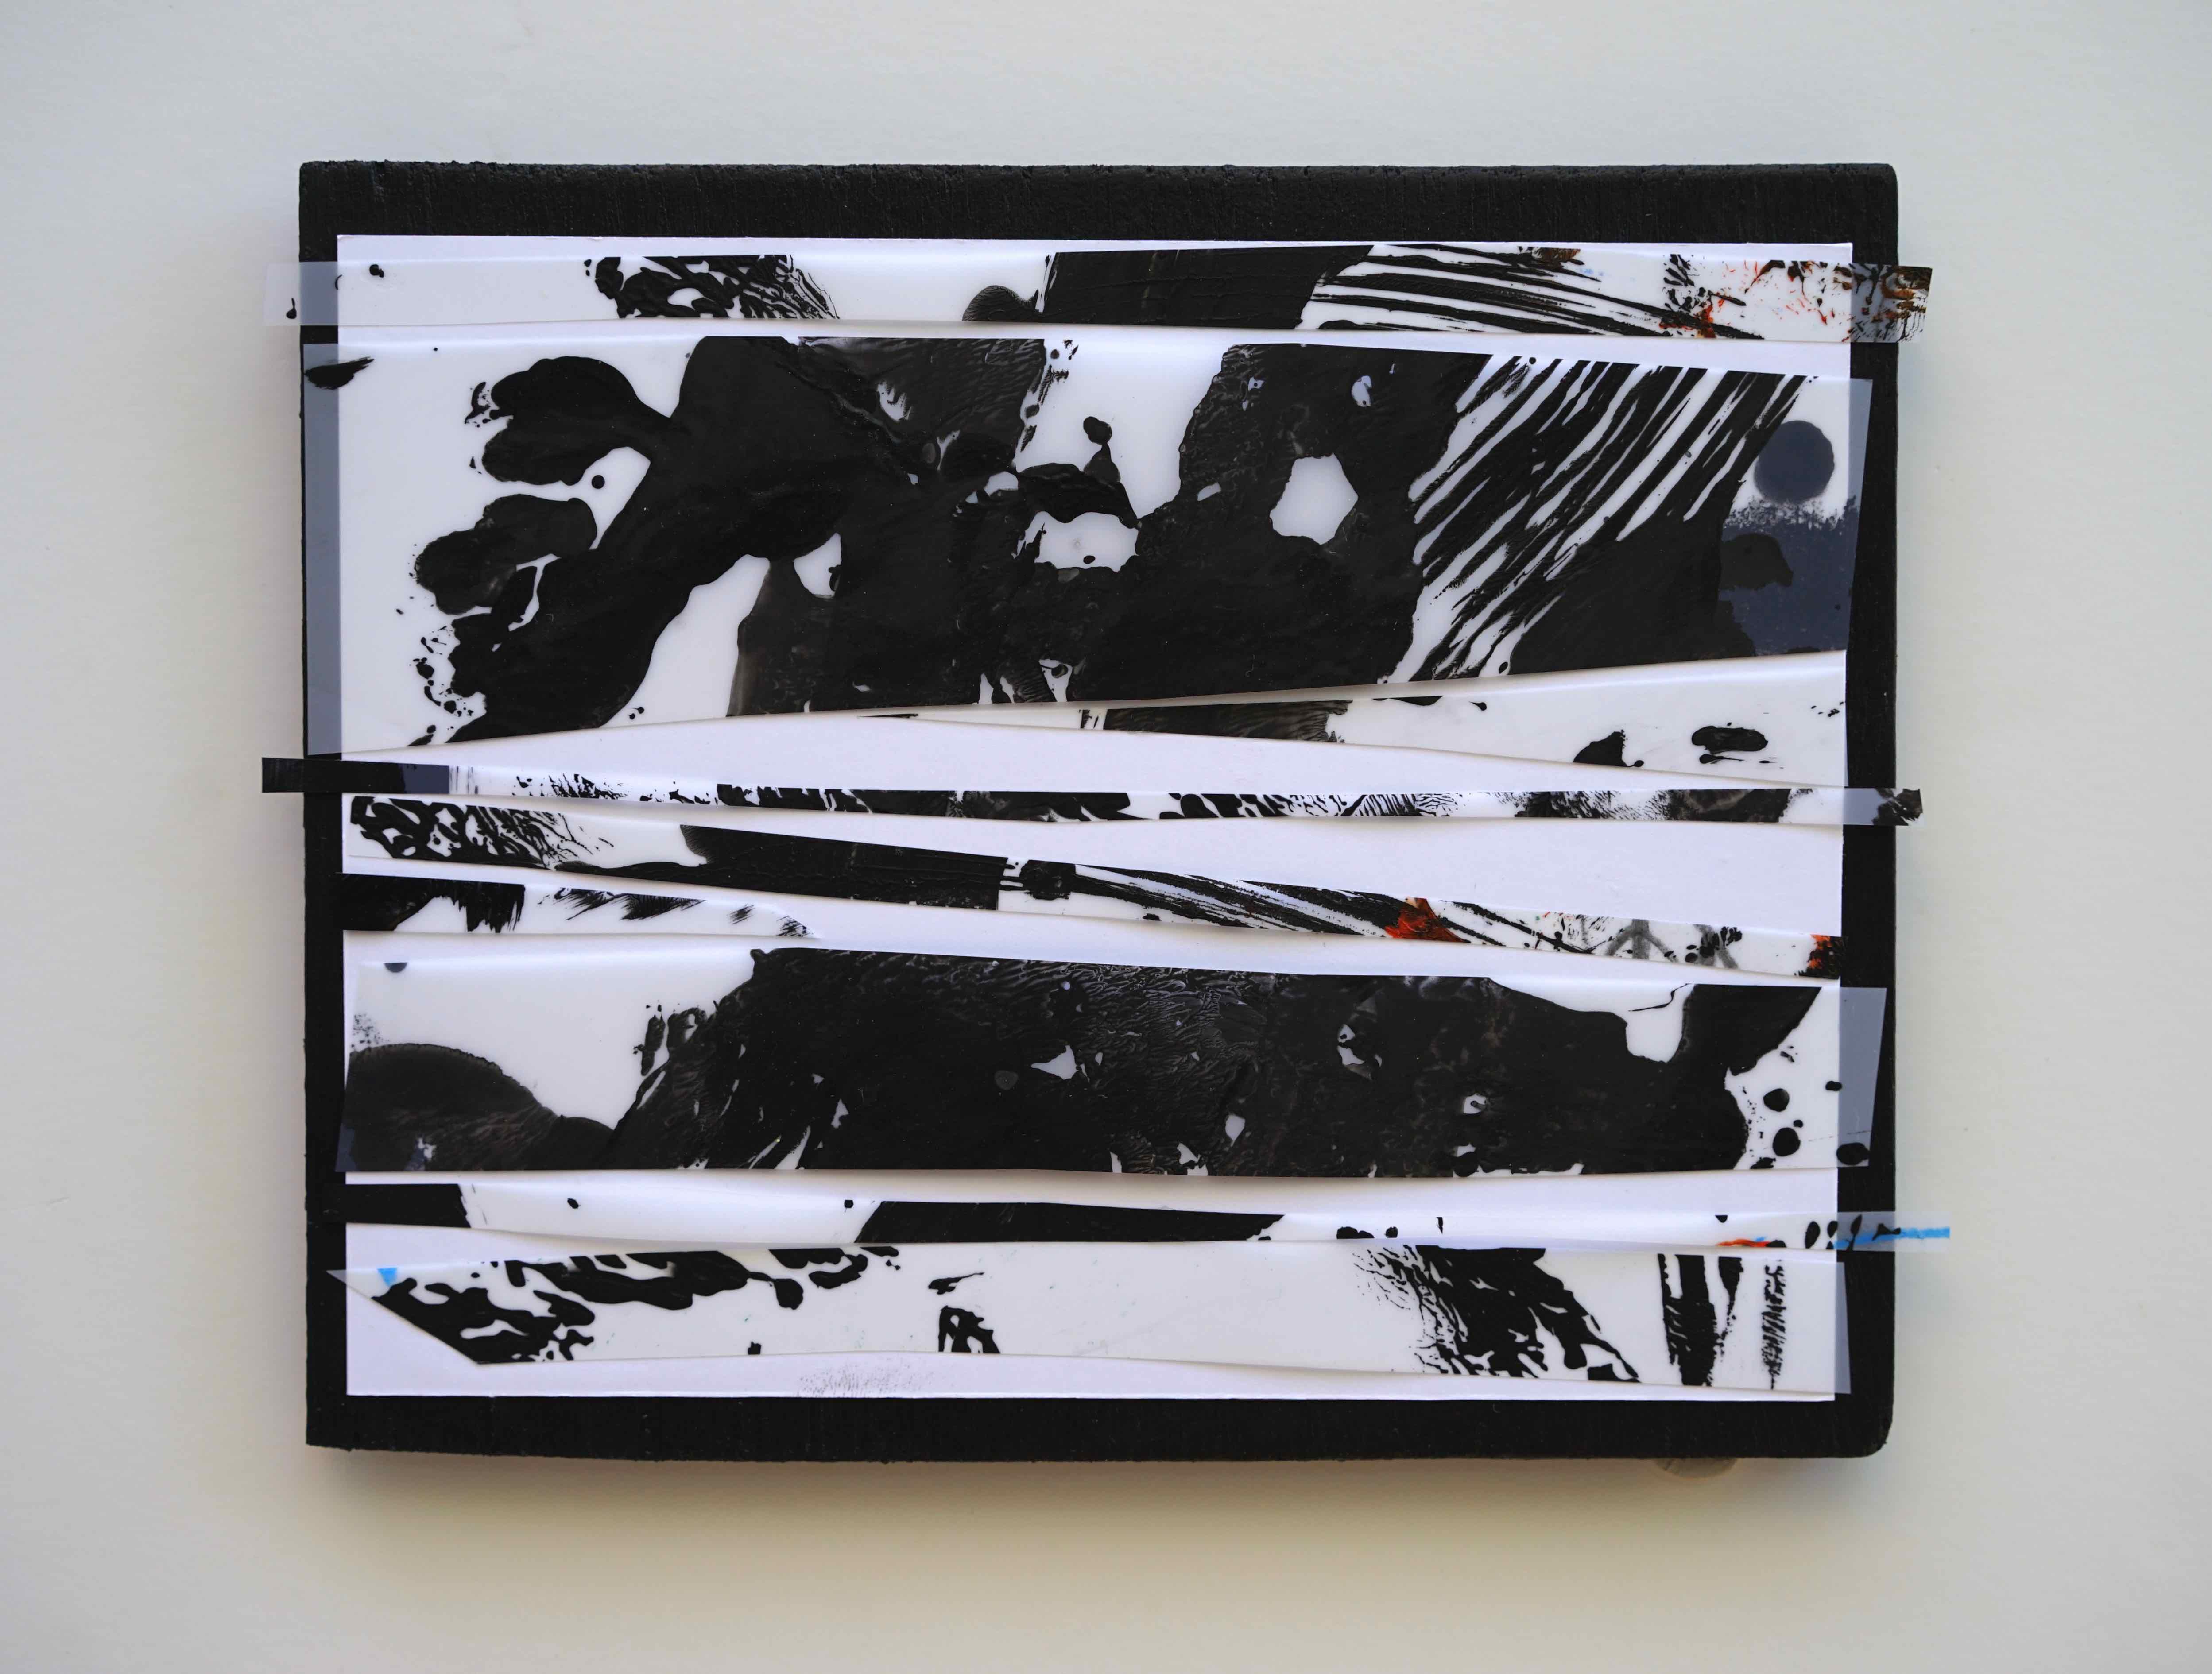 Négatif, 폴리에스테르, 아크릴물감, 브리스톨, 합판, 16x20cm, 2016. jpg